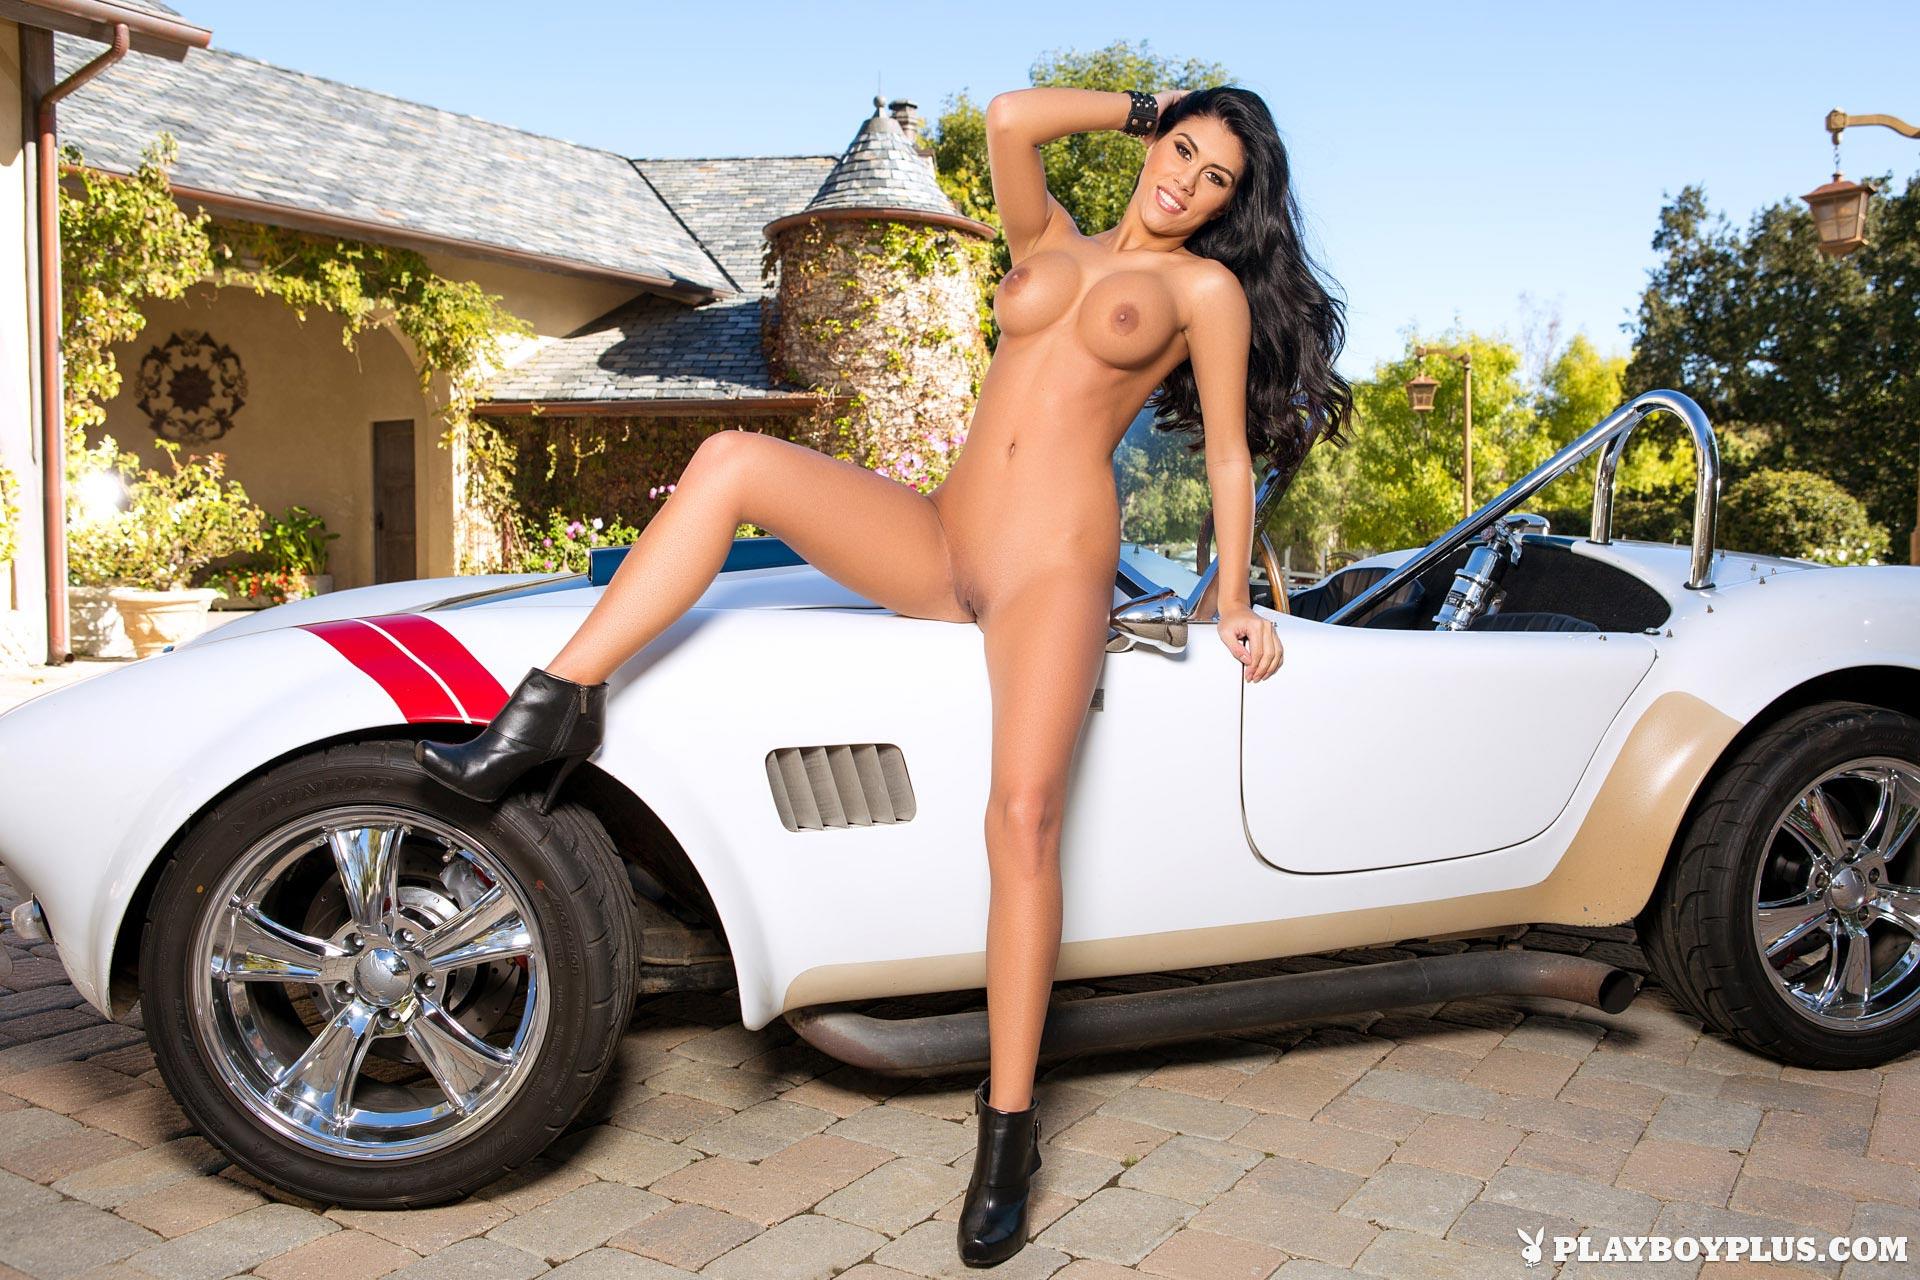 Порно звезда Autumn Lynn абсолютно голая на капоте крутой машины